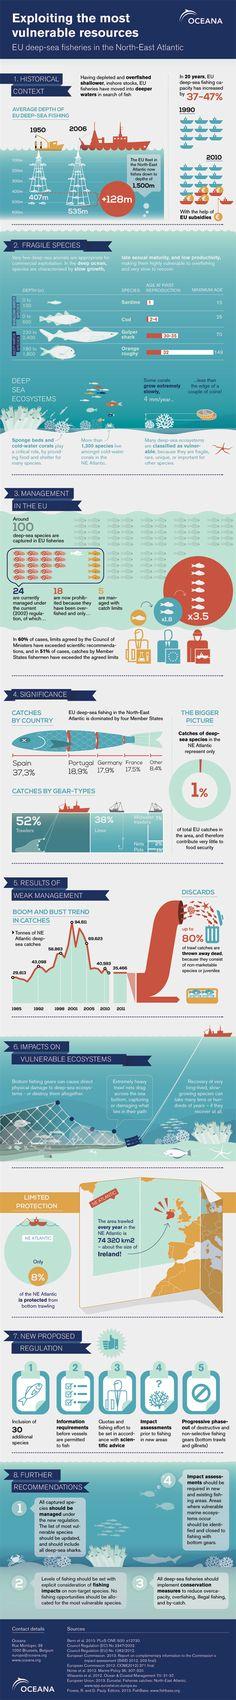 [해외 사례] 심해 생태계를 위협하는 것에 관한 인포그래픽